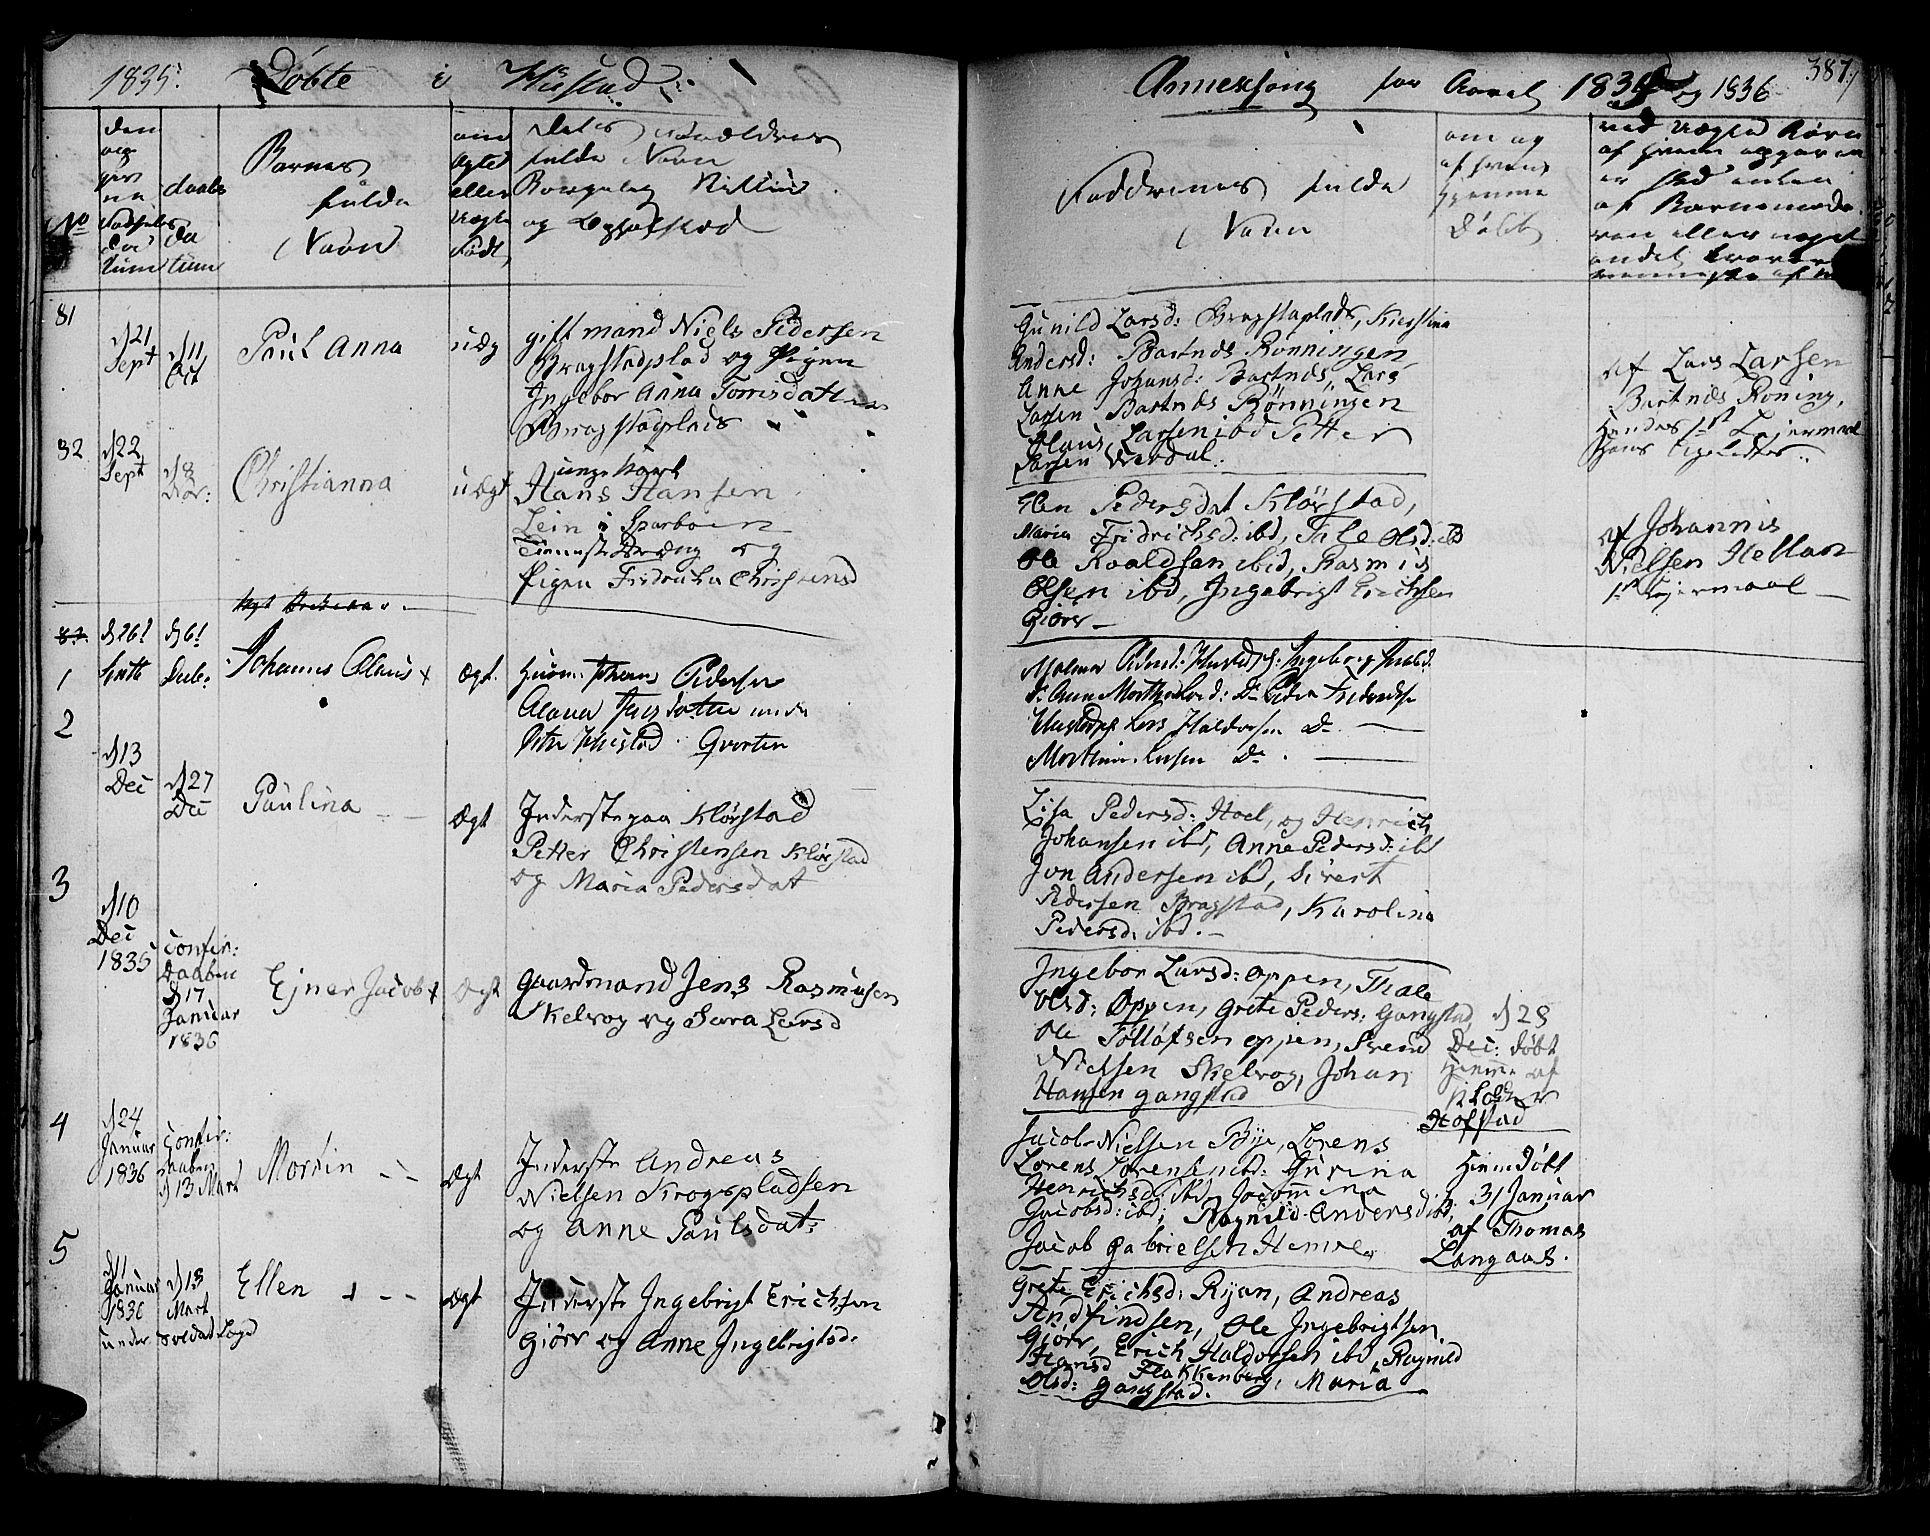 SAT, Ministerialprotokoller, klokkerbøker og fødselsregistre - Nord-Trøndelag, 730/L0277: Ministerialbok nr. 730A06 /3, 1830-1839, s. 387